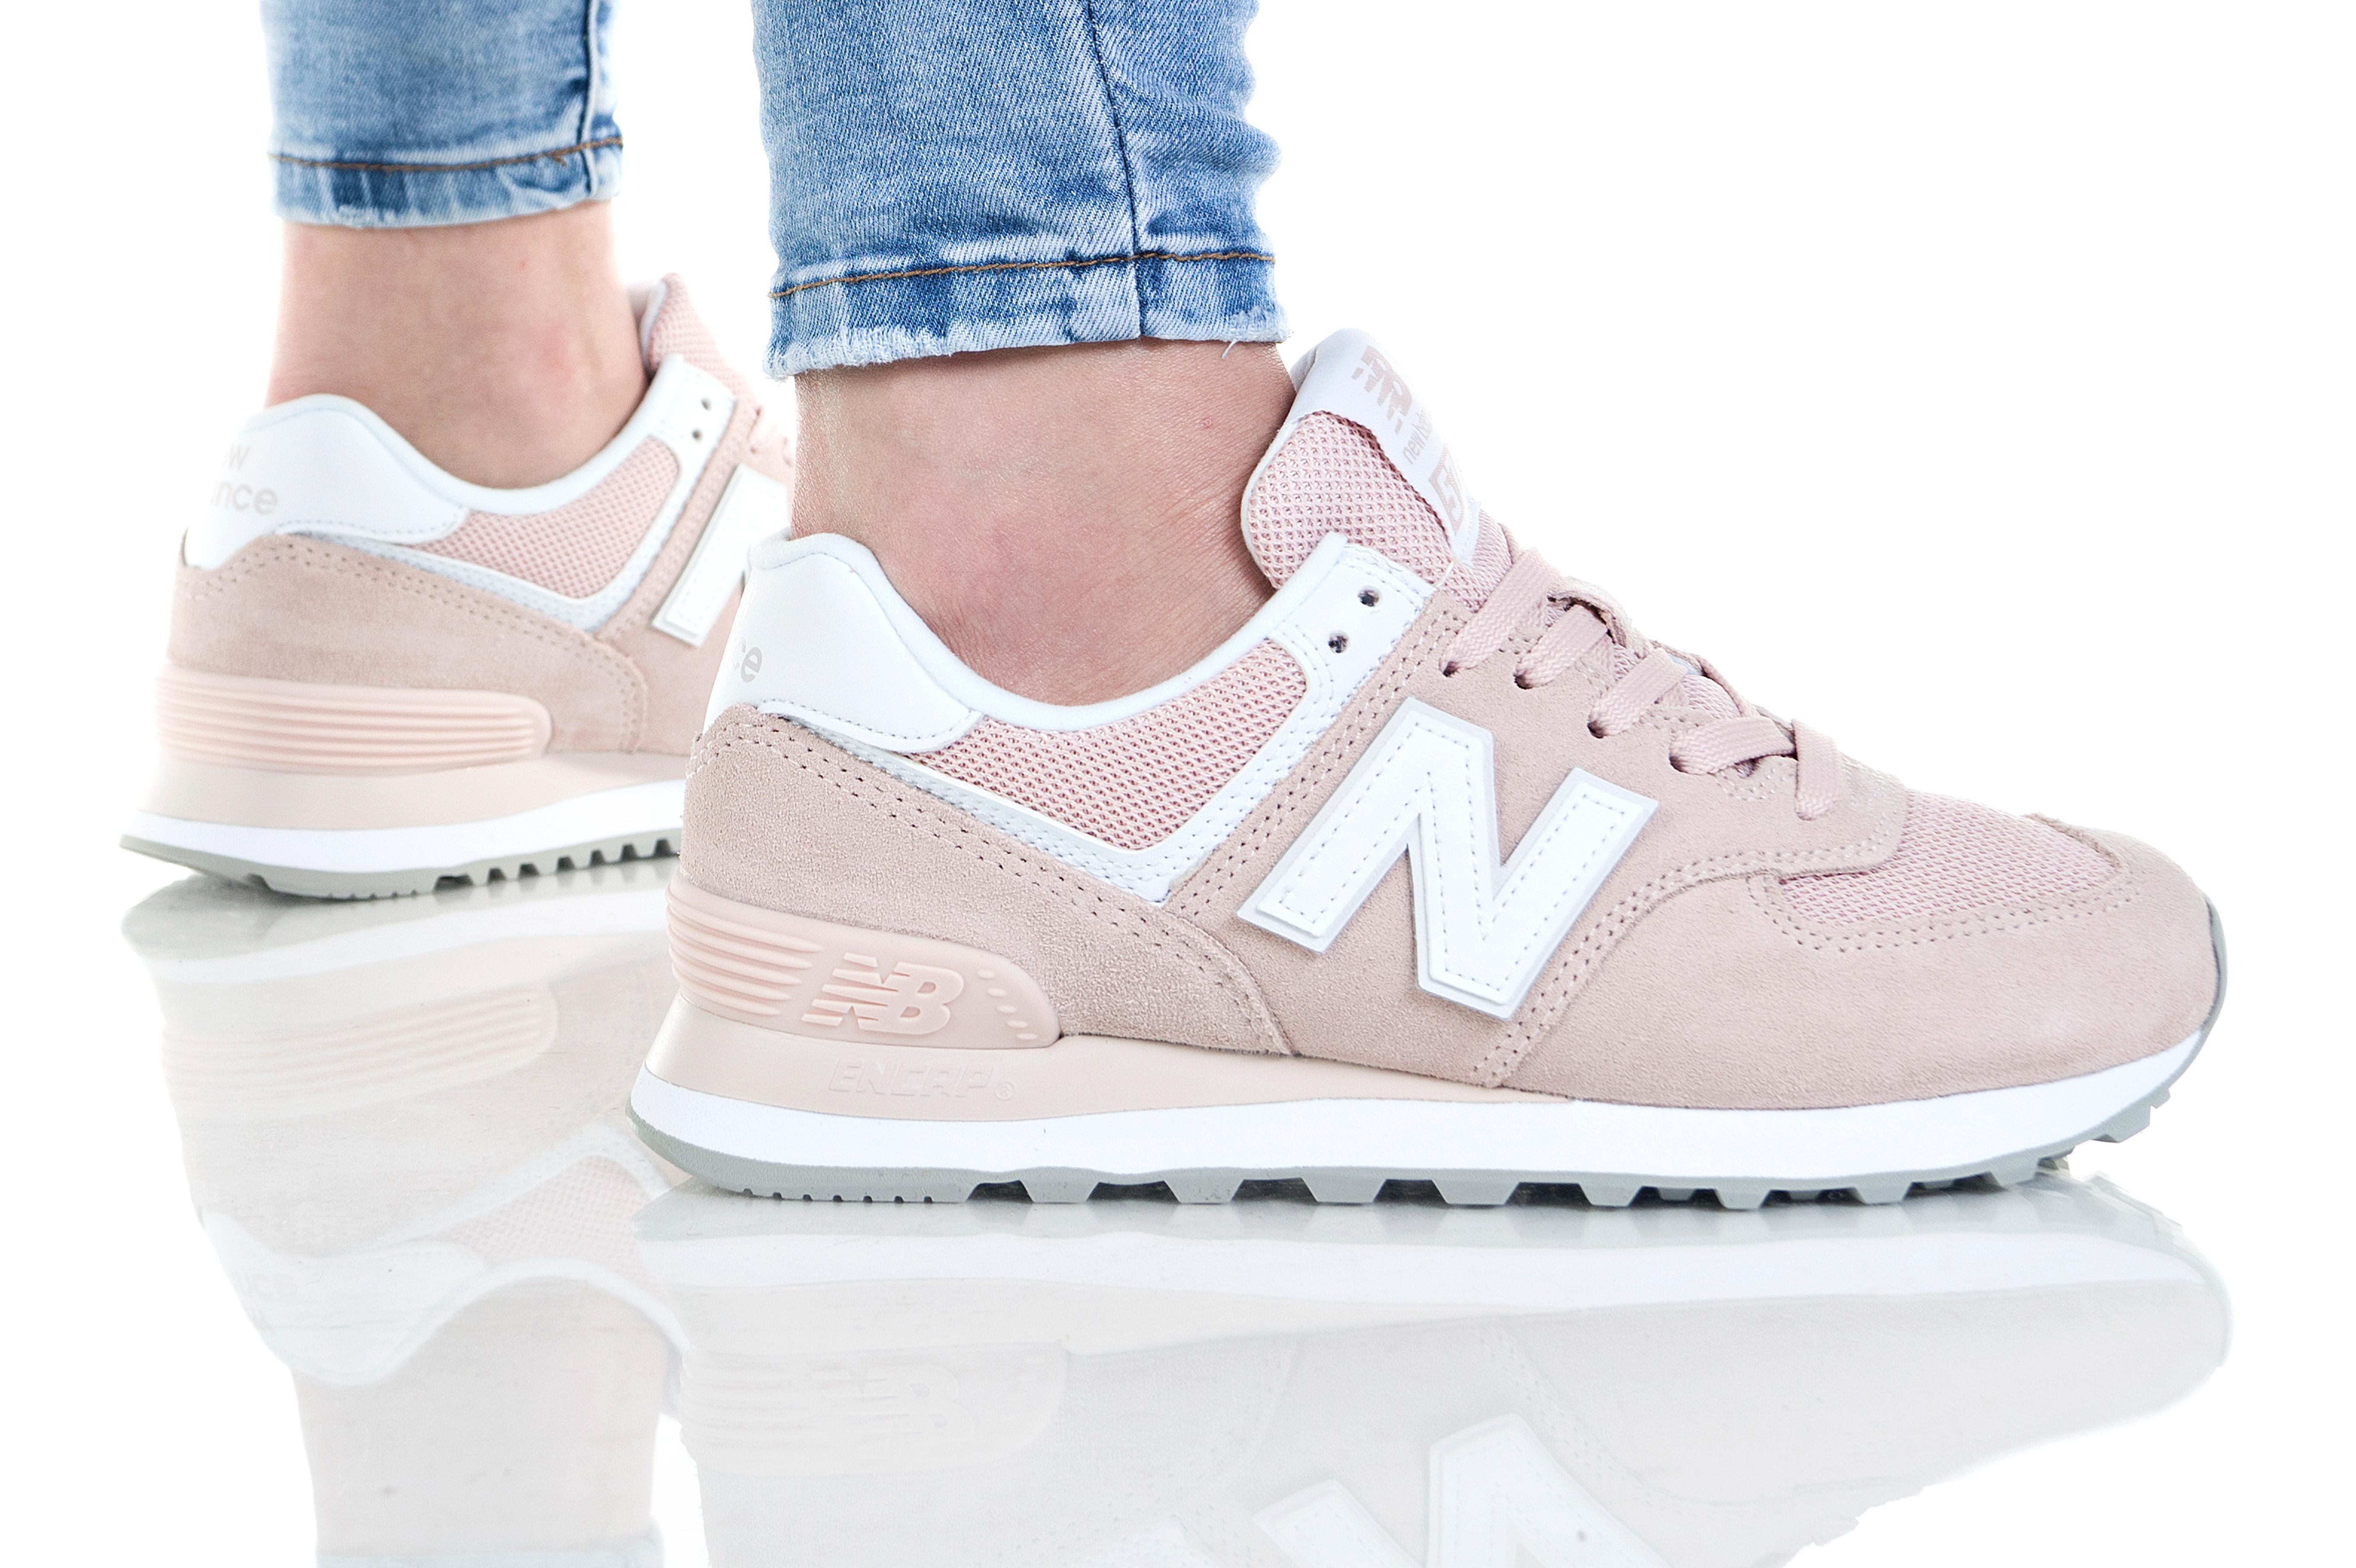 נעליים ניו באלאנס לנשים New Balance WL574 - ורוד בזוקה